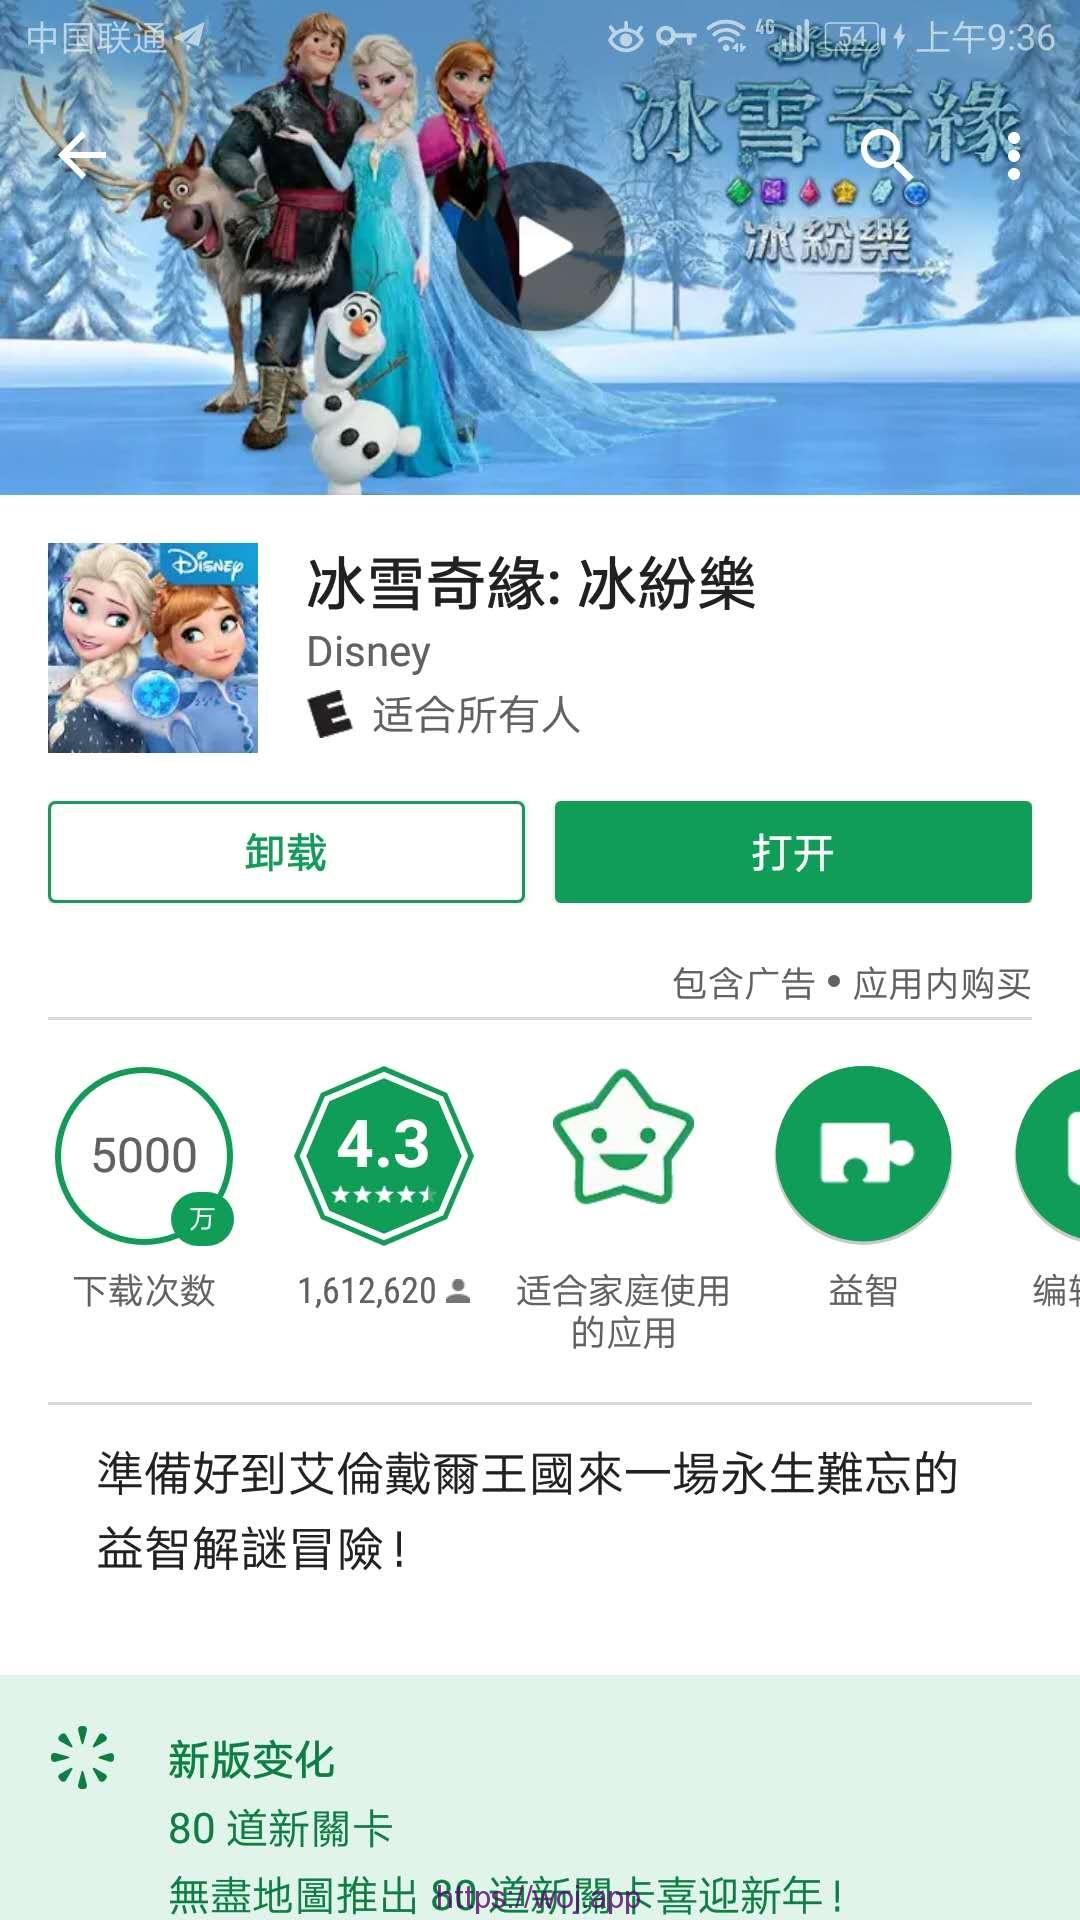 冰雪奇缘-缤纷乐7.30 Frozen Free Fall Mod(最新完美破解去广告版+全关卡可玩)